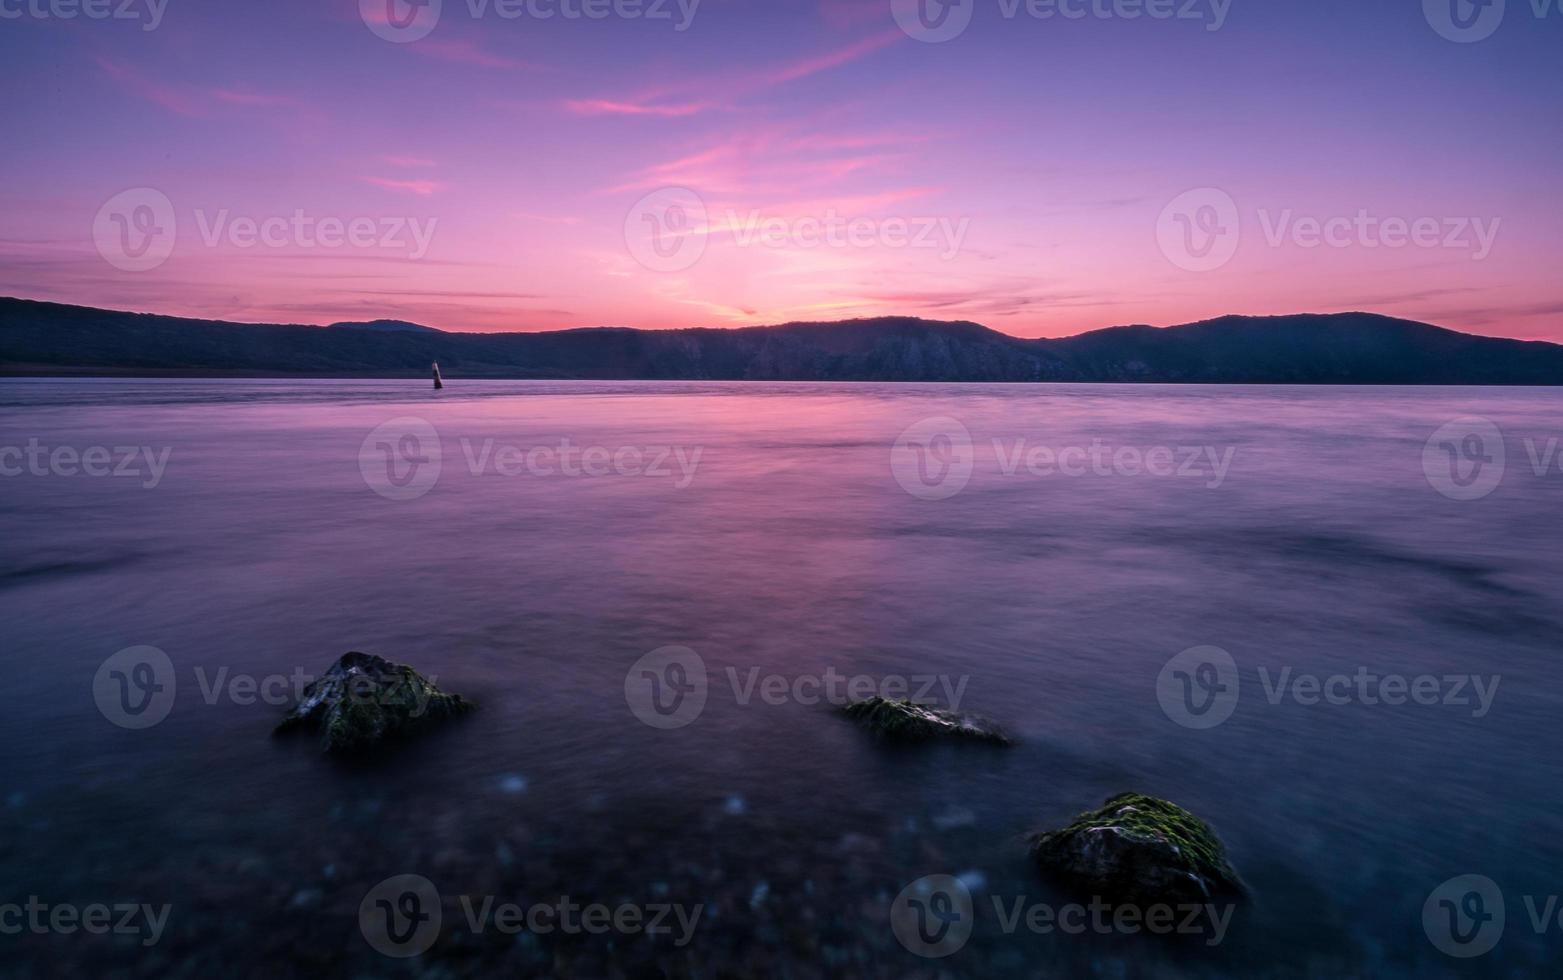 paisagem marítima calma ao pôr do sol foto